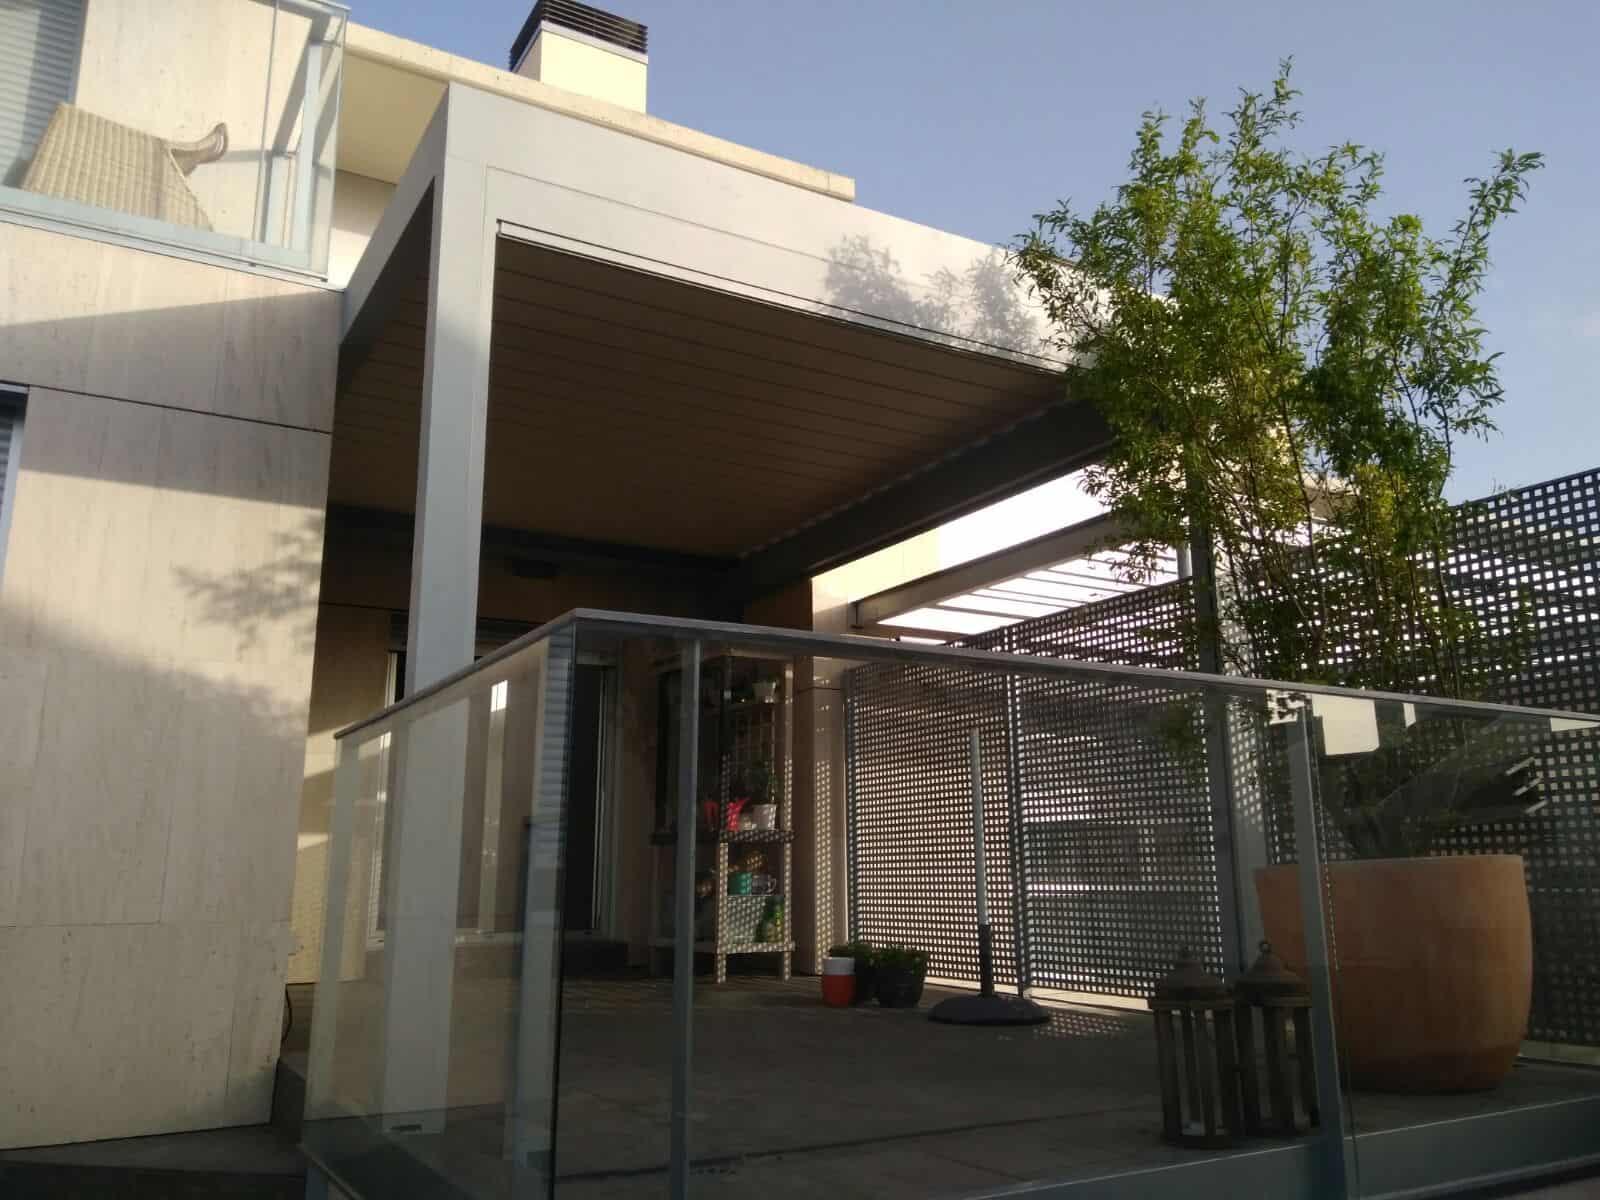 pergola-bioclimatica-algarve-renson-t27